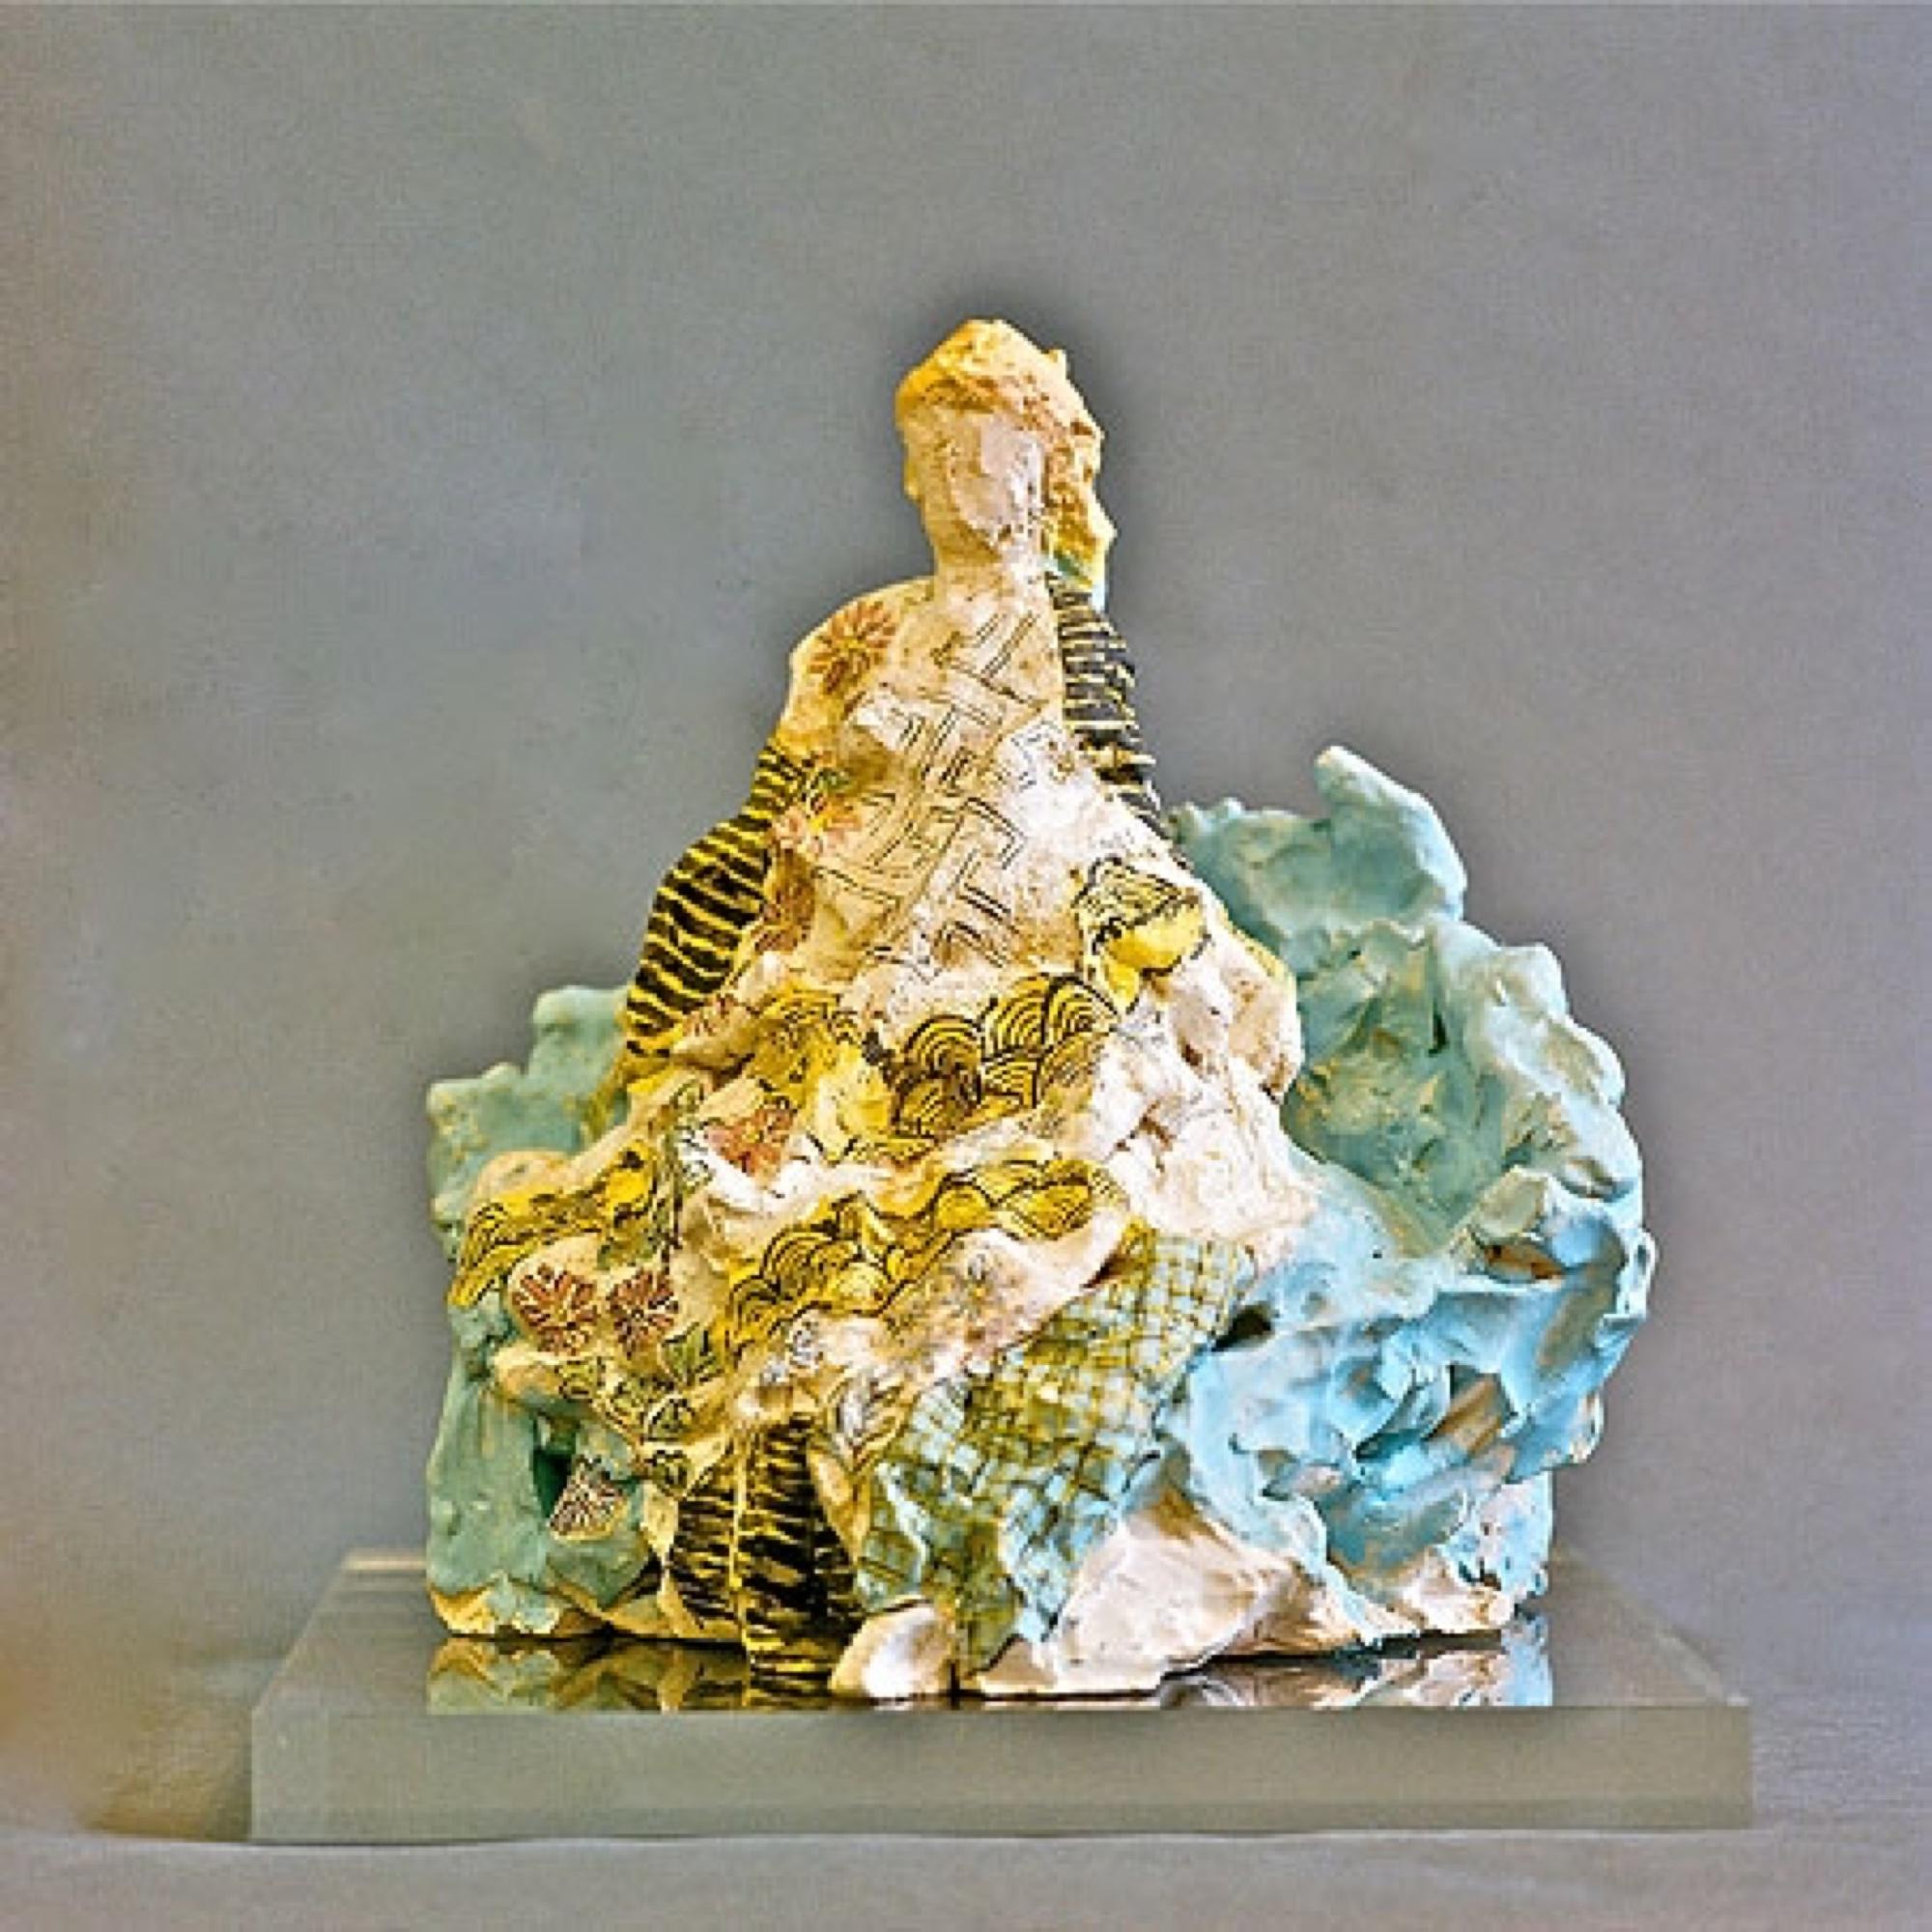 Leili  2009 Clay, acryl painted 30 cm